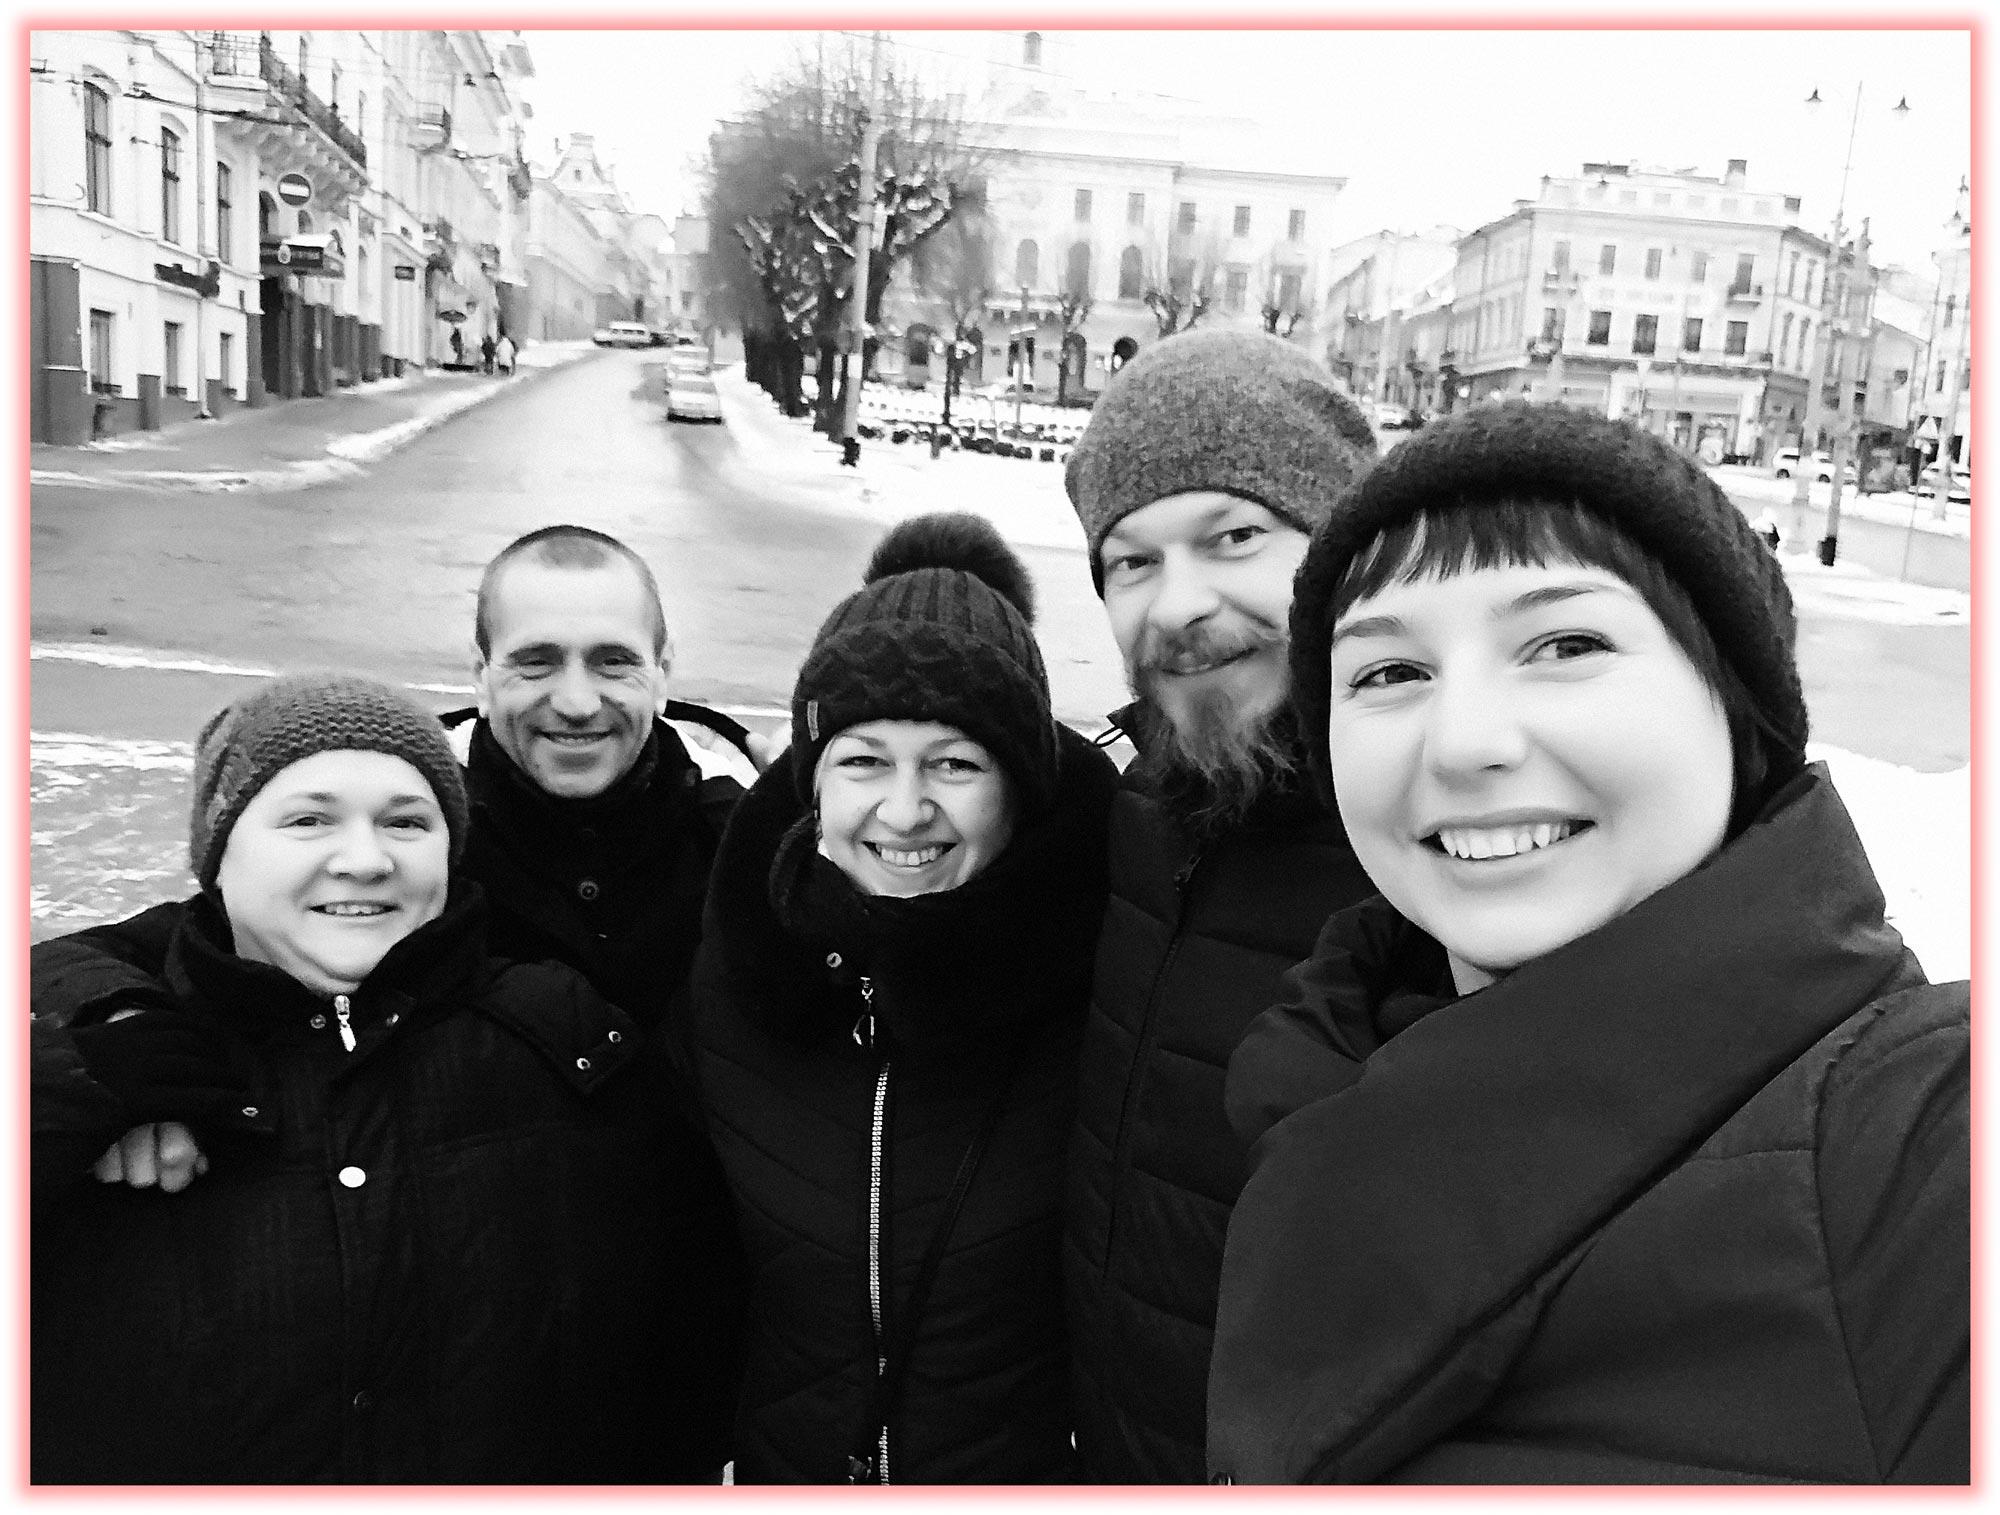 adnriy with family - <b>В поисках родителей.</b> Рассказываем истории тех, кто отыскал самых близких людей через много лет - Заборона